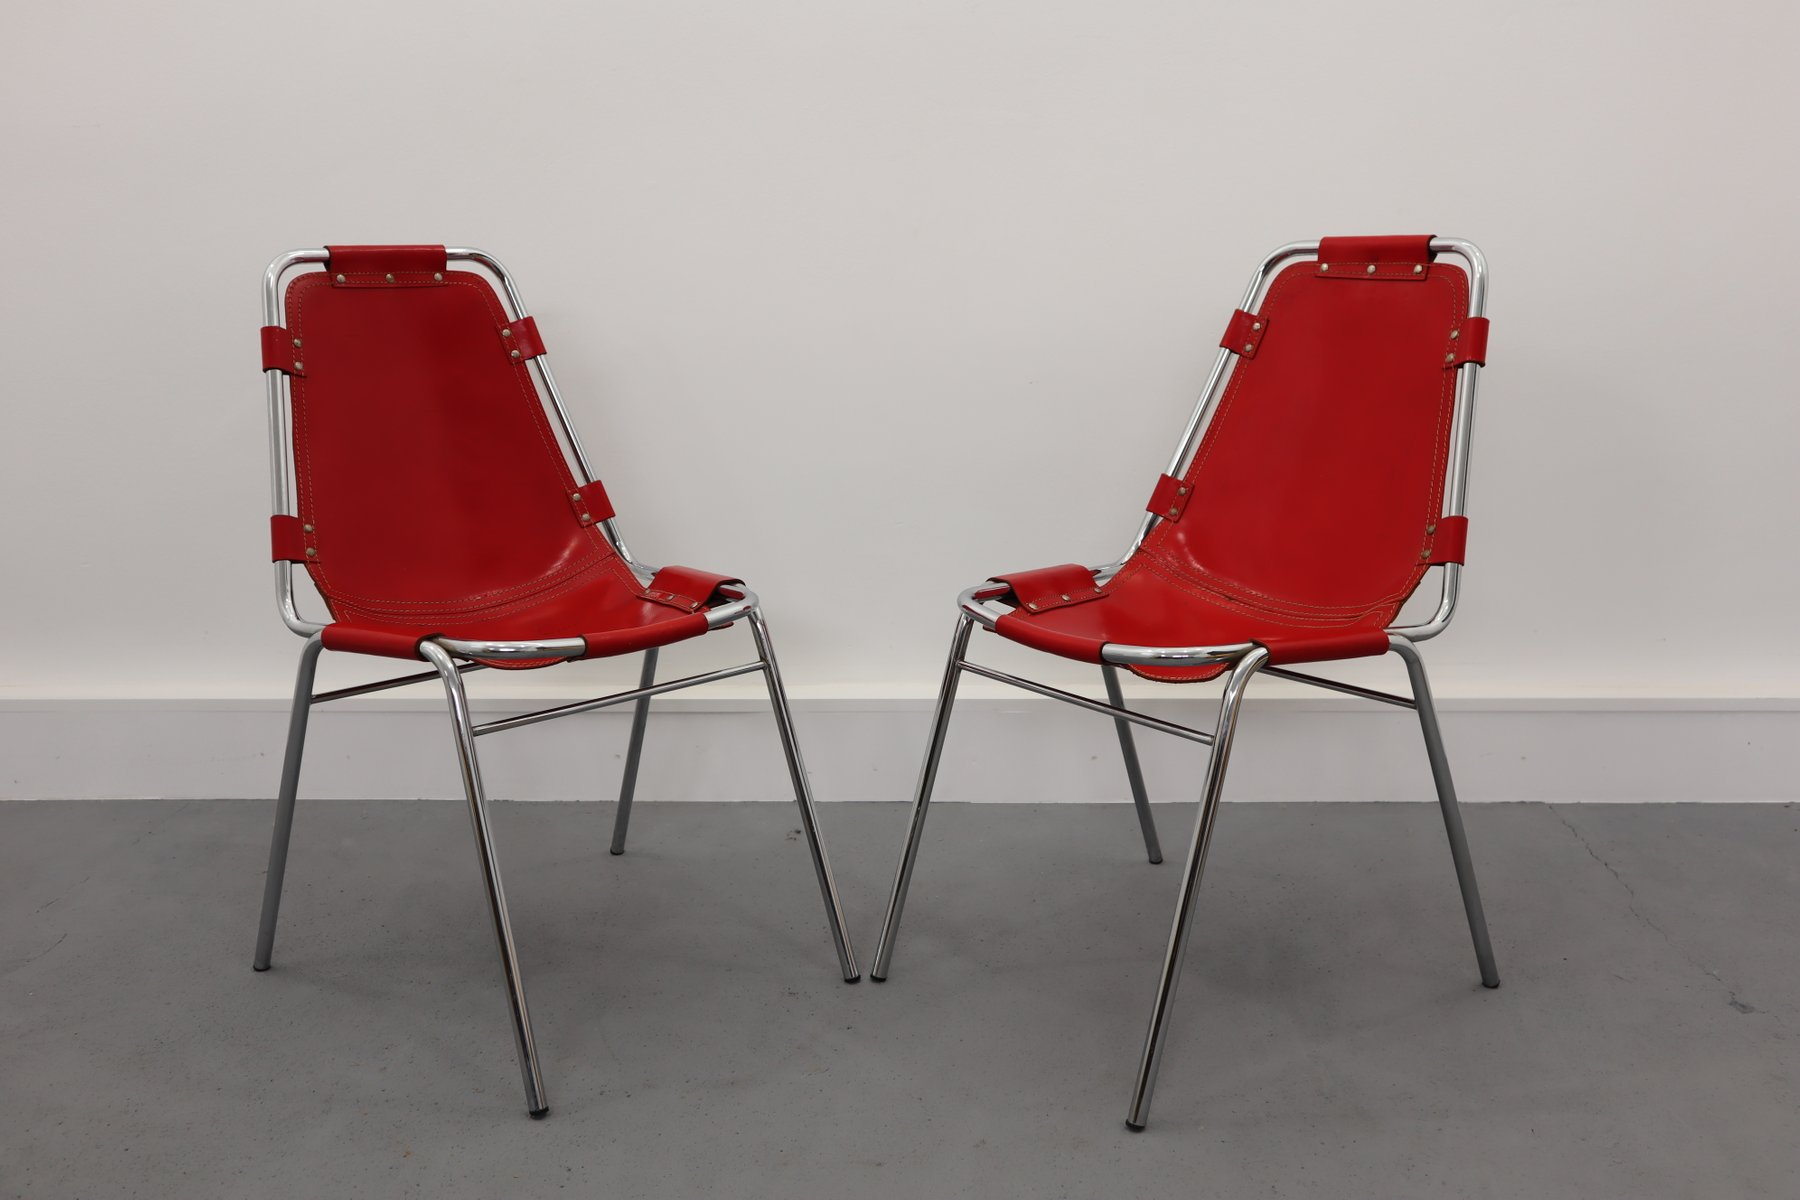 Chaises de salle manger les arcs vintage par charlotte perriand pour dal vera 1960s set de 2 - Salle de bain charlotte perriand ...